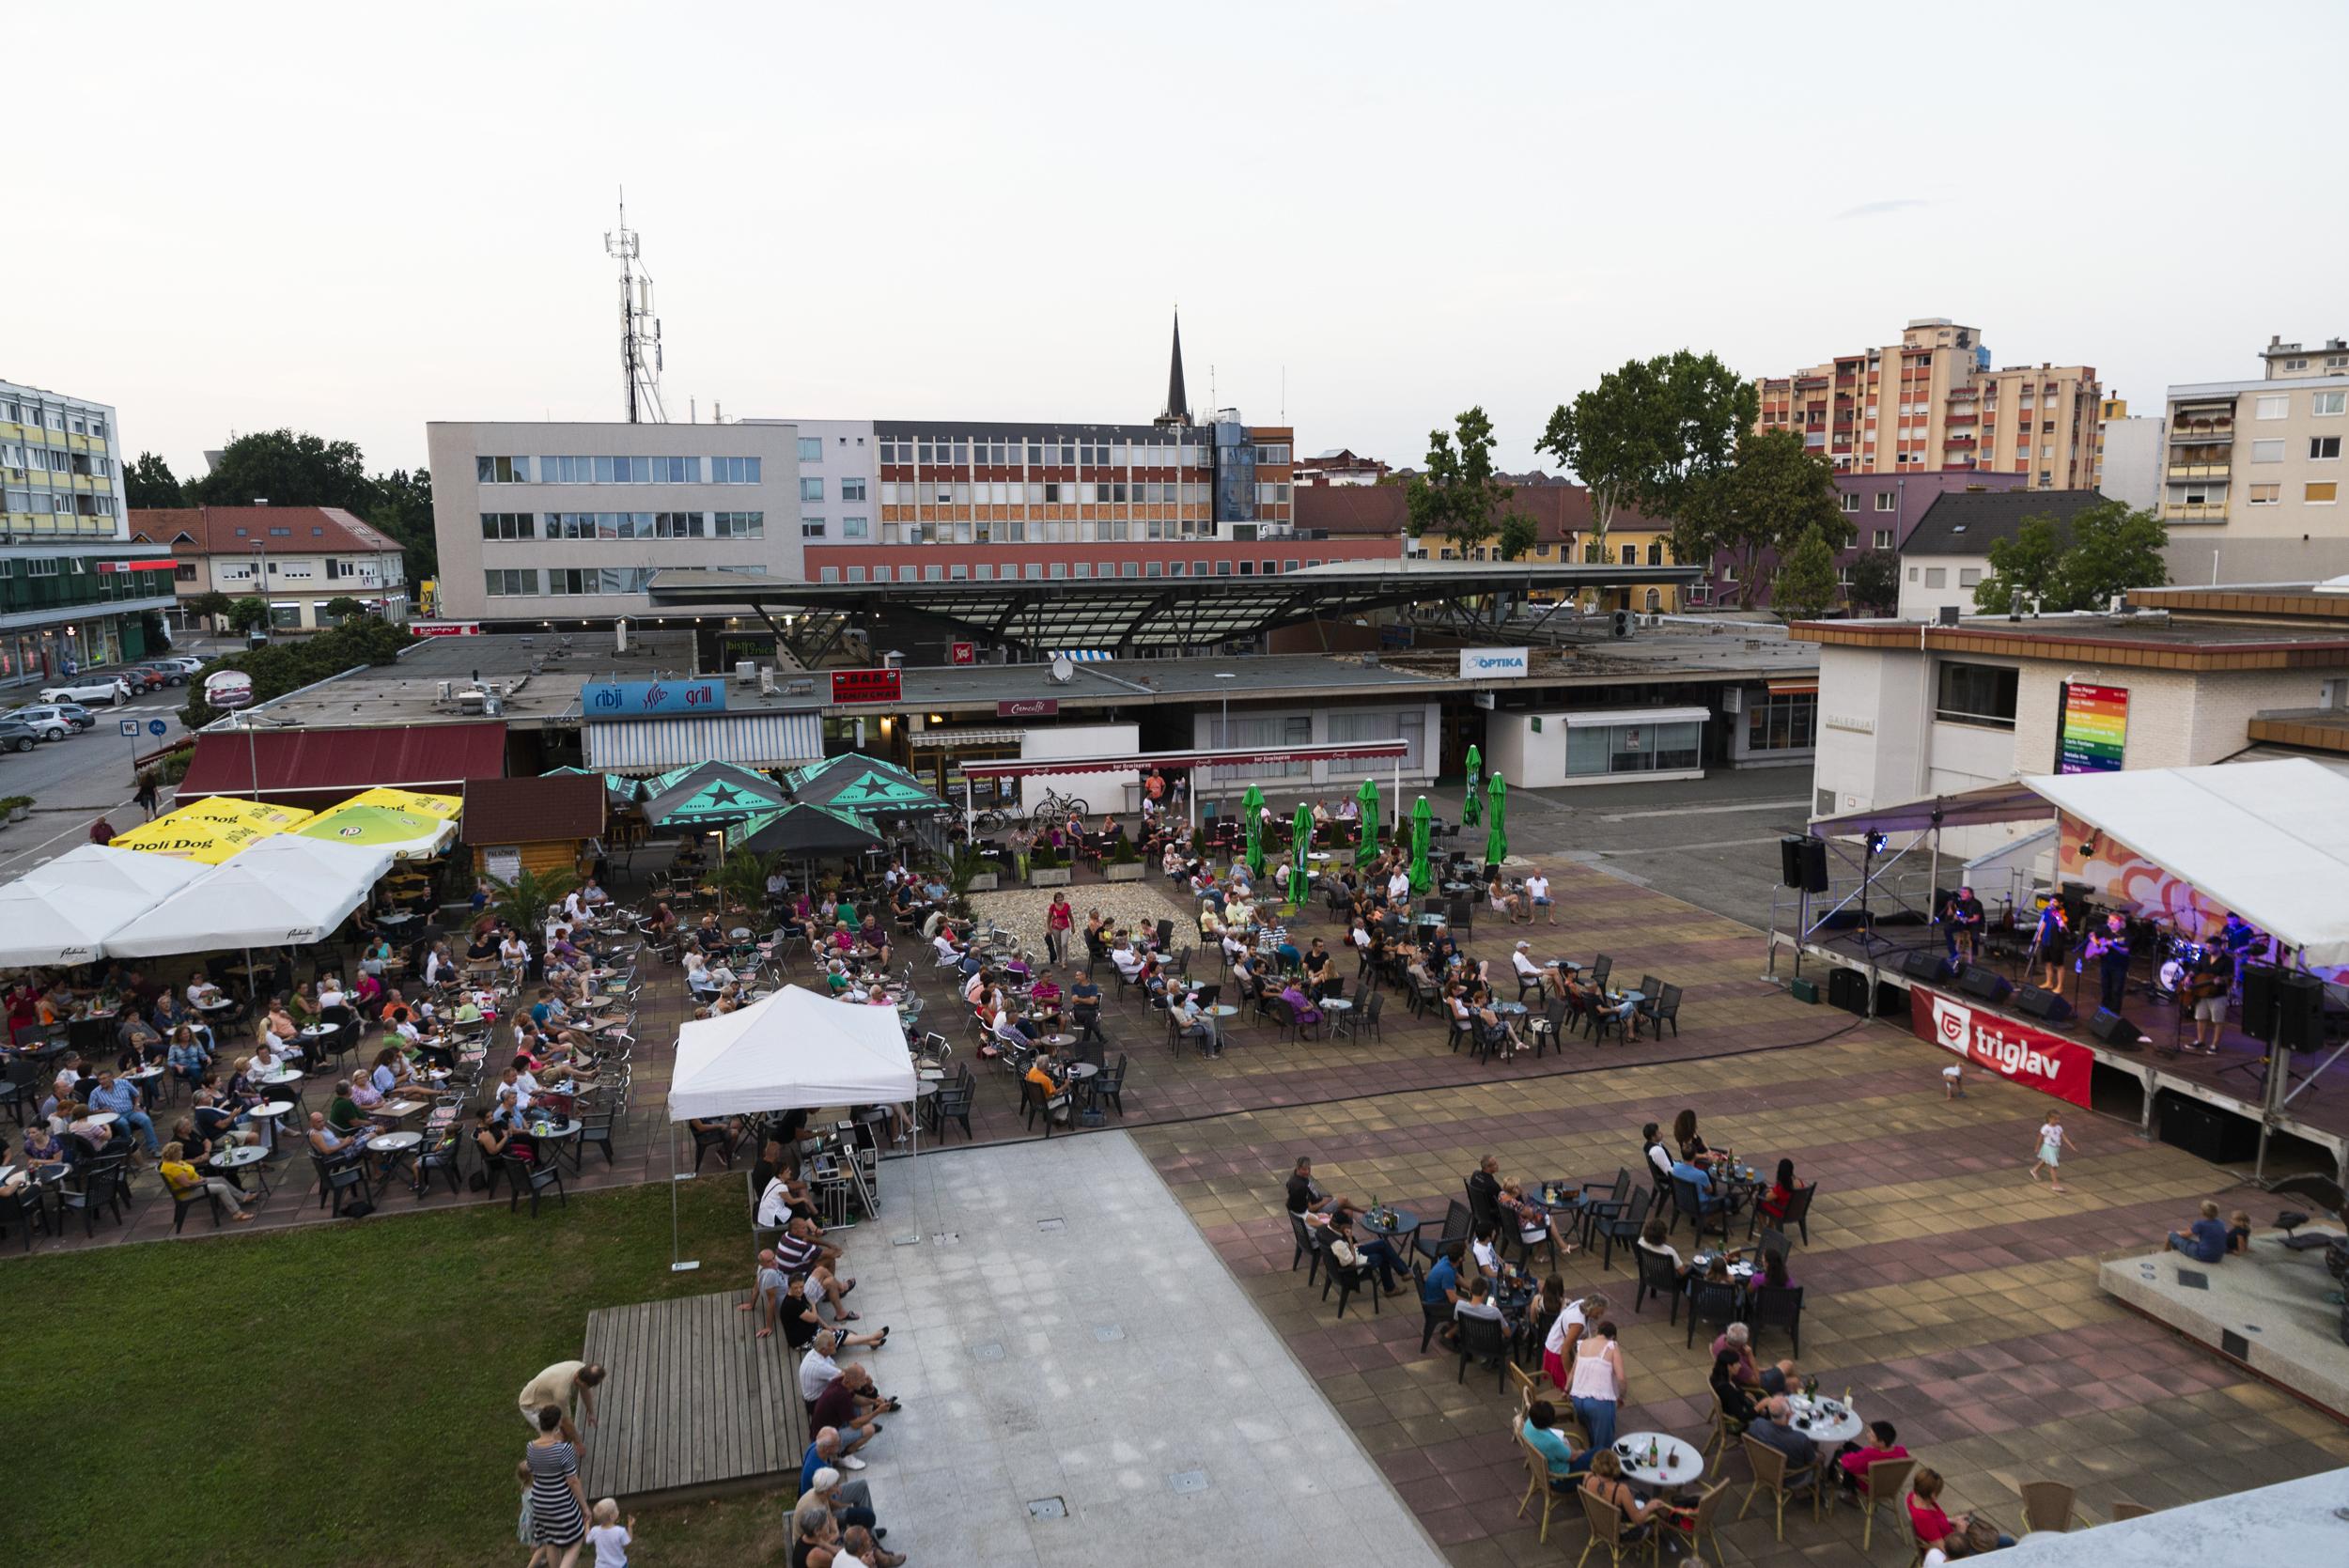 Summer Festival in Murska Sobota